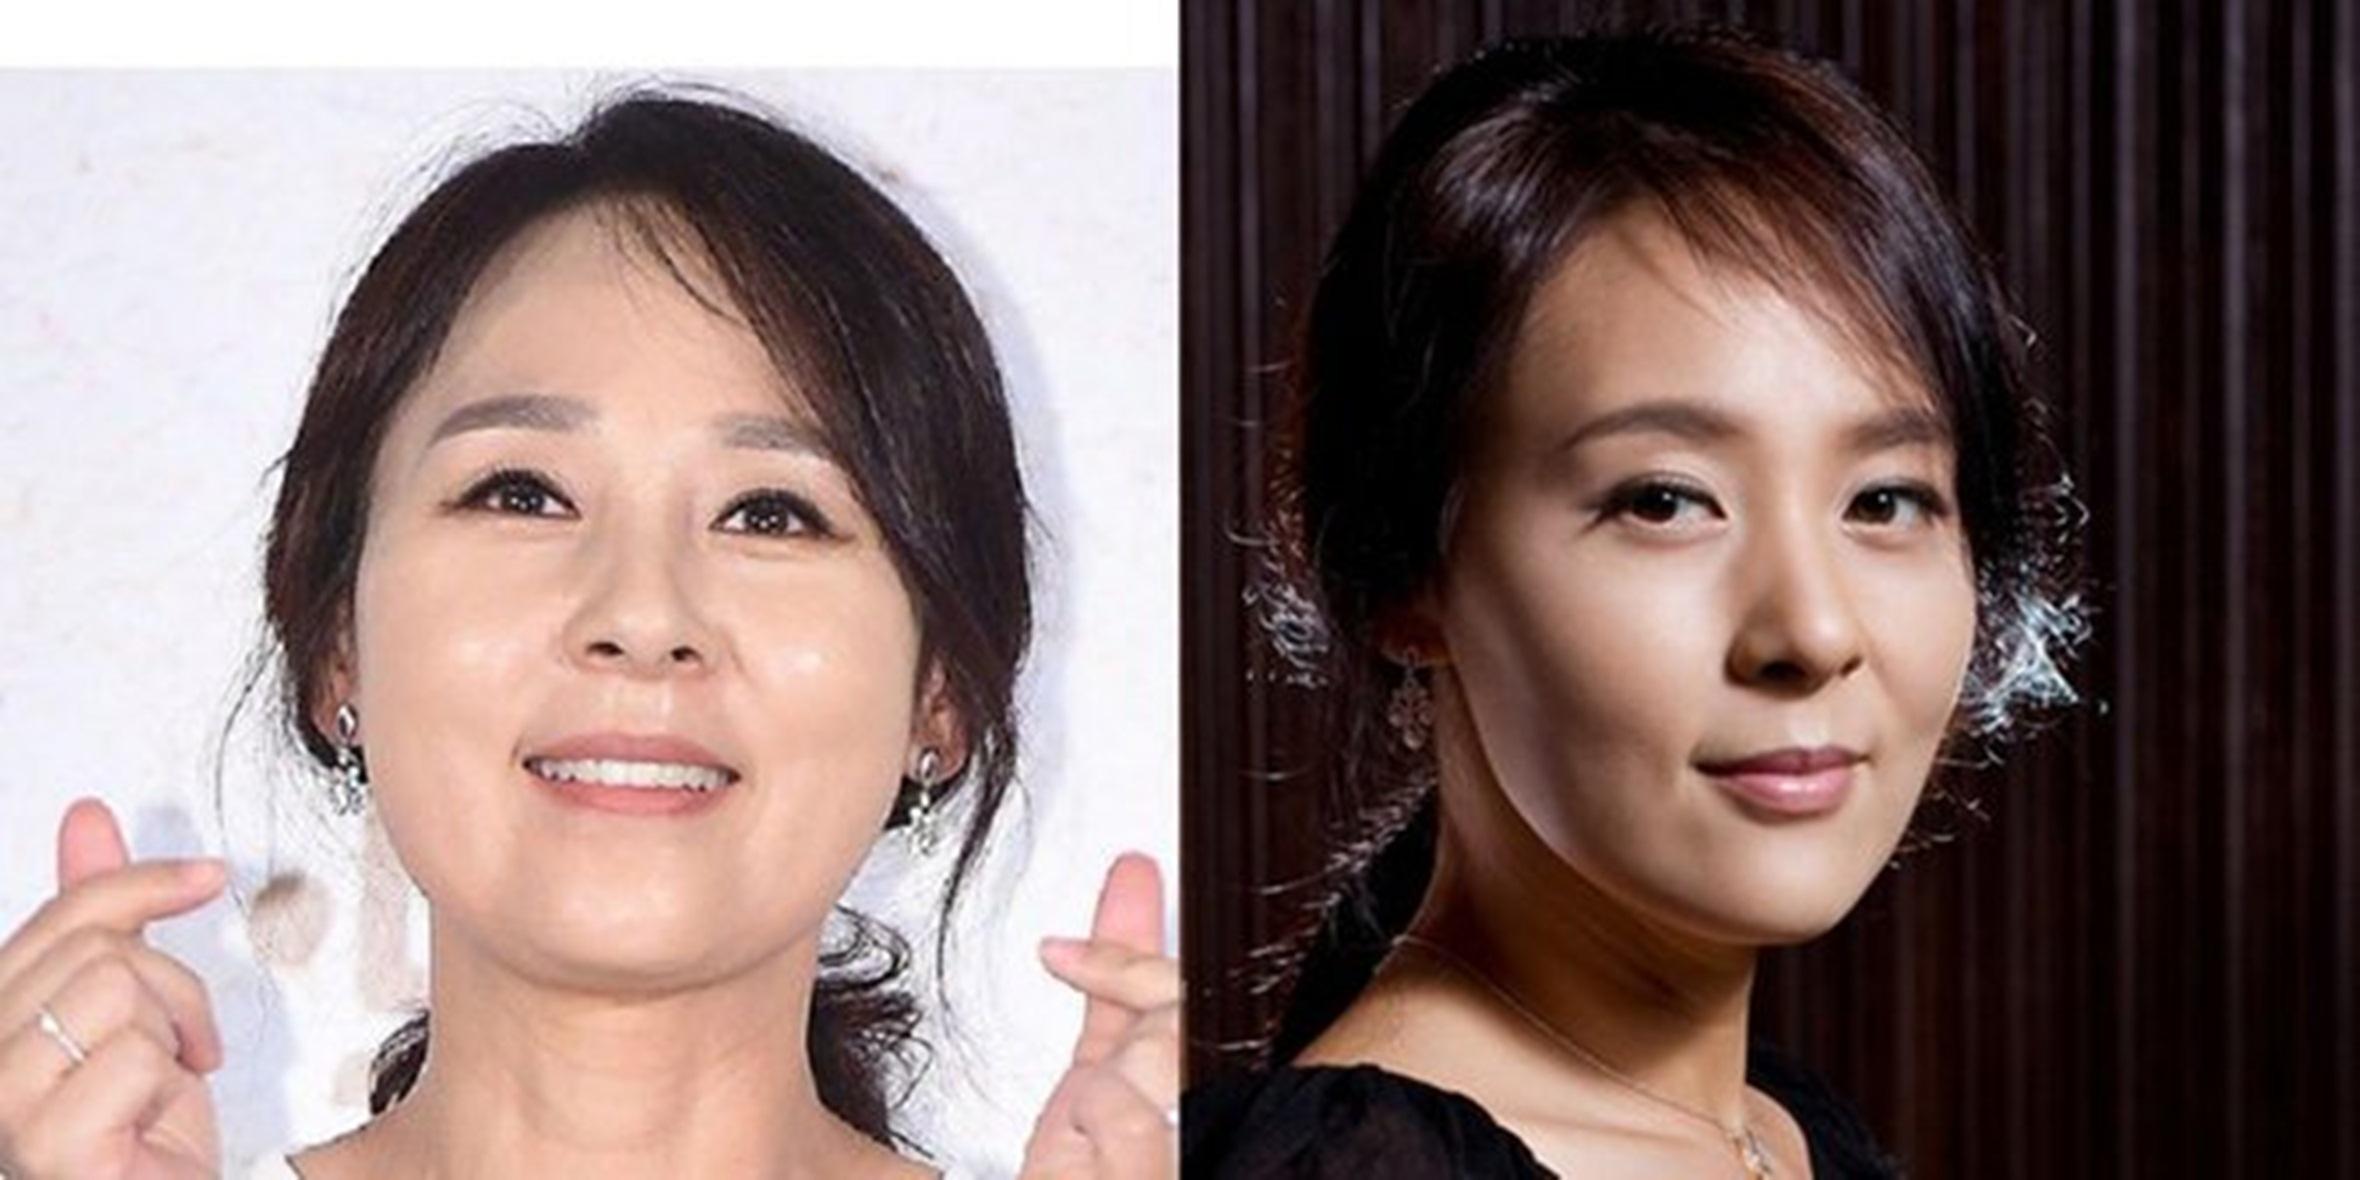 Kepergian Jeon Mi Sun, Beberapa Selebriti Berduka Atas Kehilangan Beliau 3